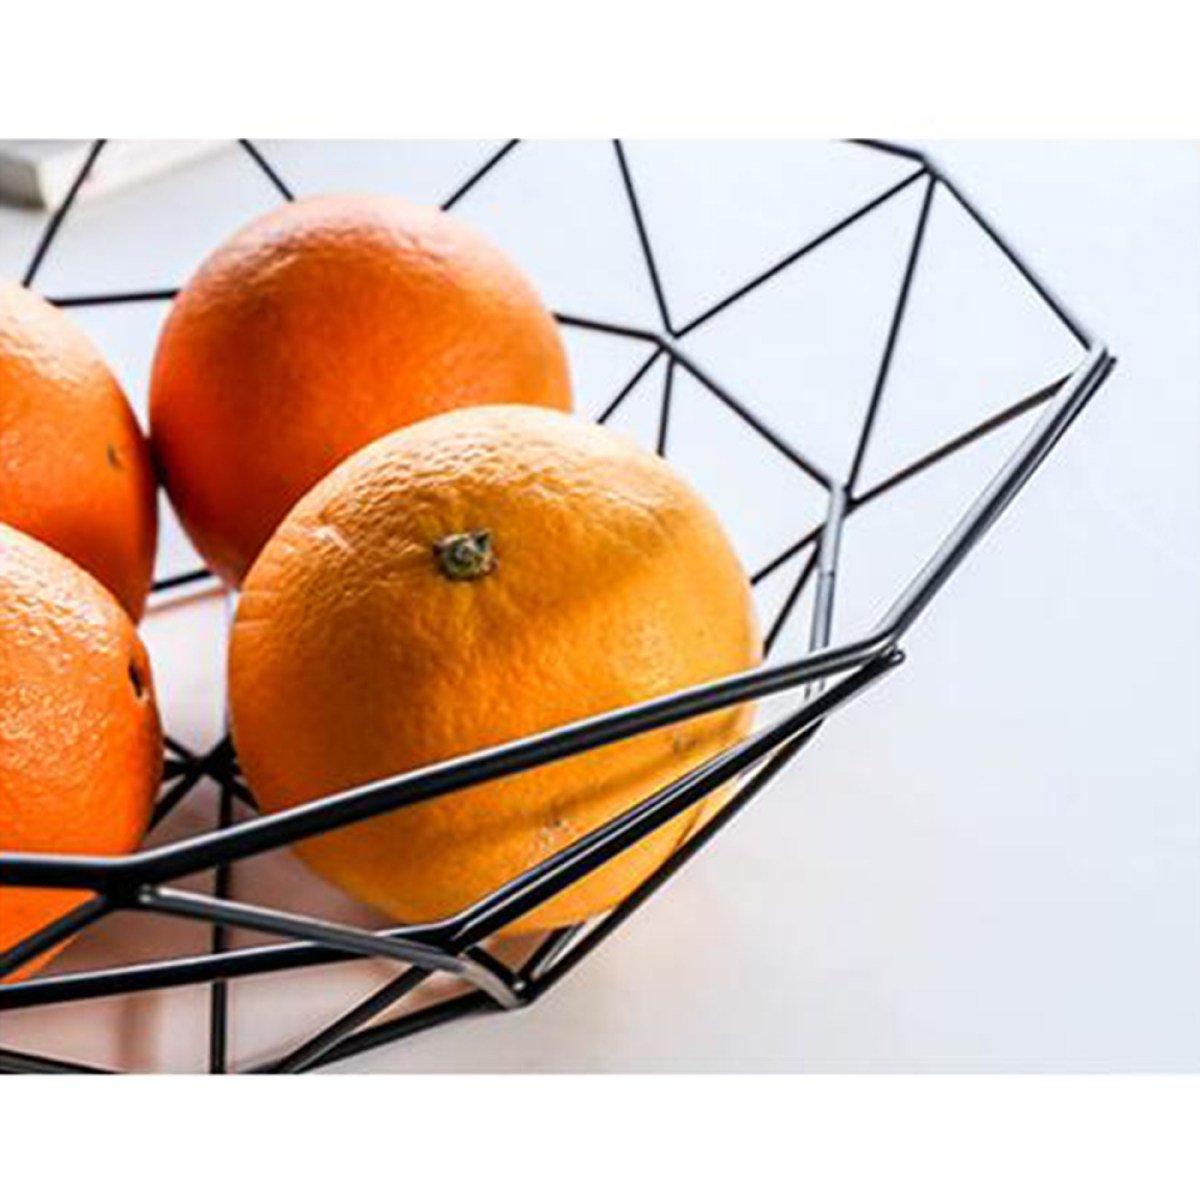 ANHPI Bandeja De Fruta por FOKN Simple Sala De Estar Creativa Cesta De Fruta De Hierro Forjado Bocadillo De Aperitivo De Snack De Fruta Seca,B: Amazon.es: ...